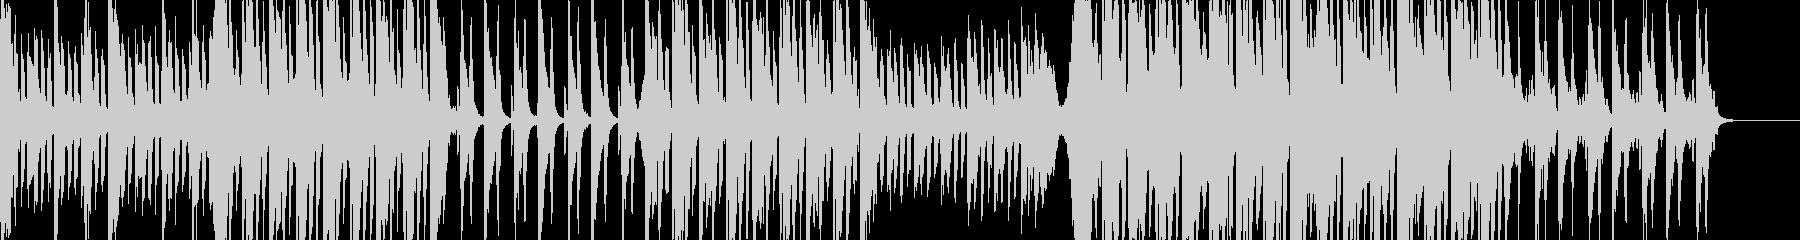 洋楽POP/ロックなリズム/アンセムの未再生の波形